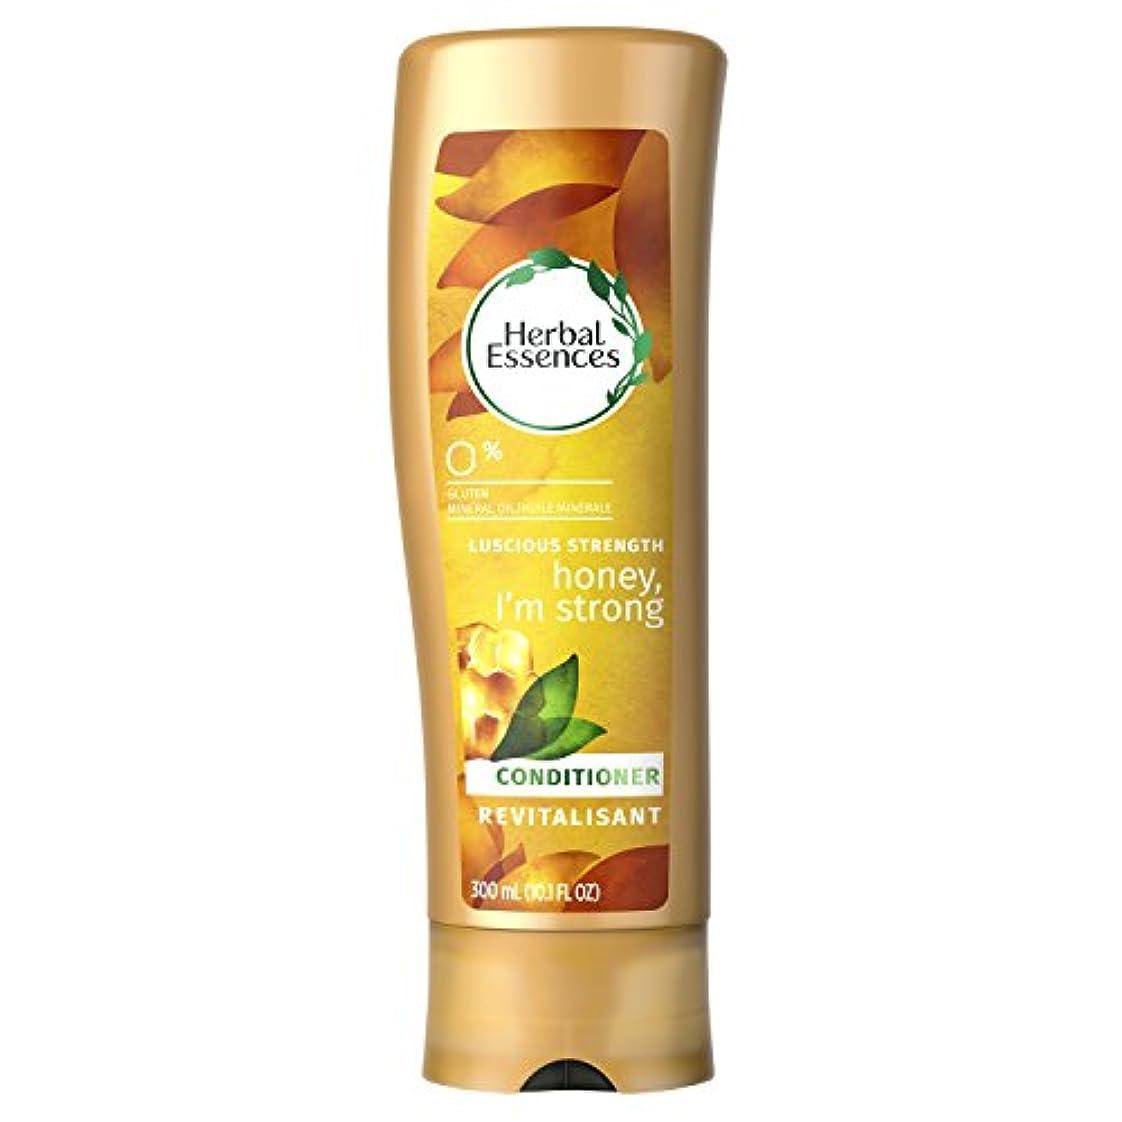 プレフィックススリーブぼんやりしたHerbal Essences Honey I'm Strong Strengthening Conditioner, 10.1 Fluid Ounce by Procter & Gamble - HABA Hub [並行輸入品]